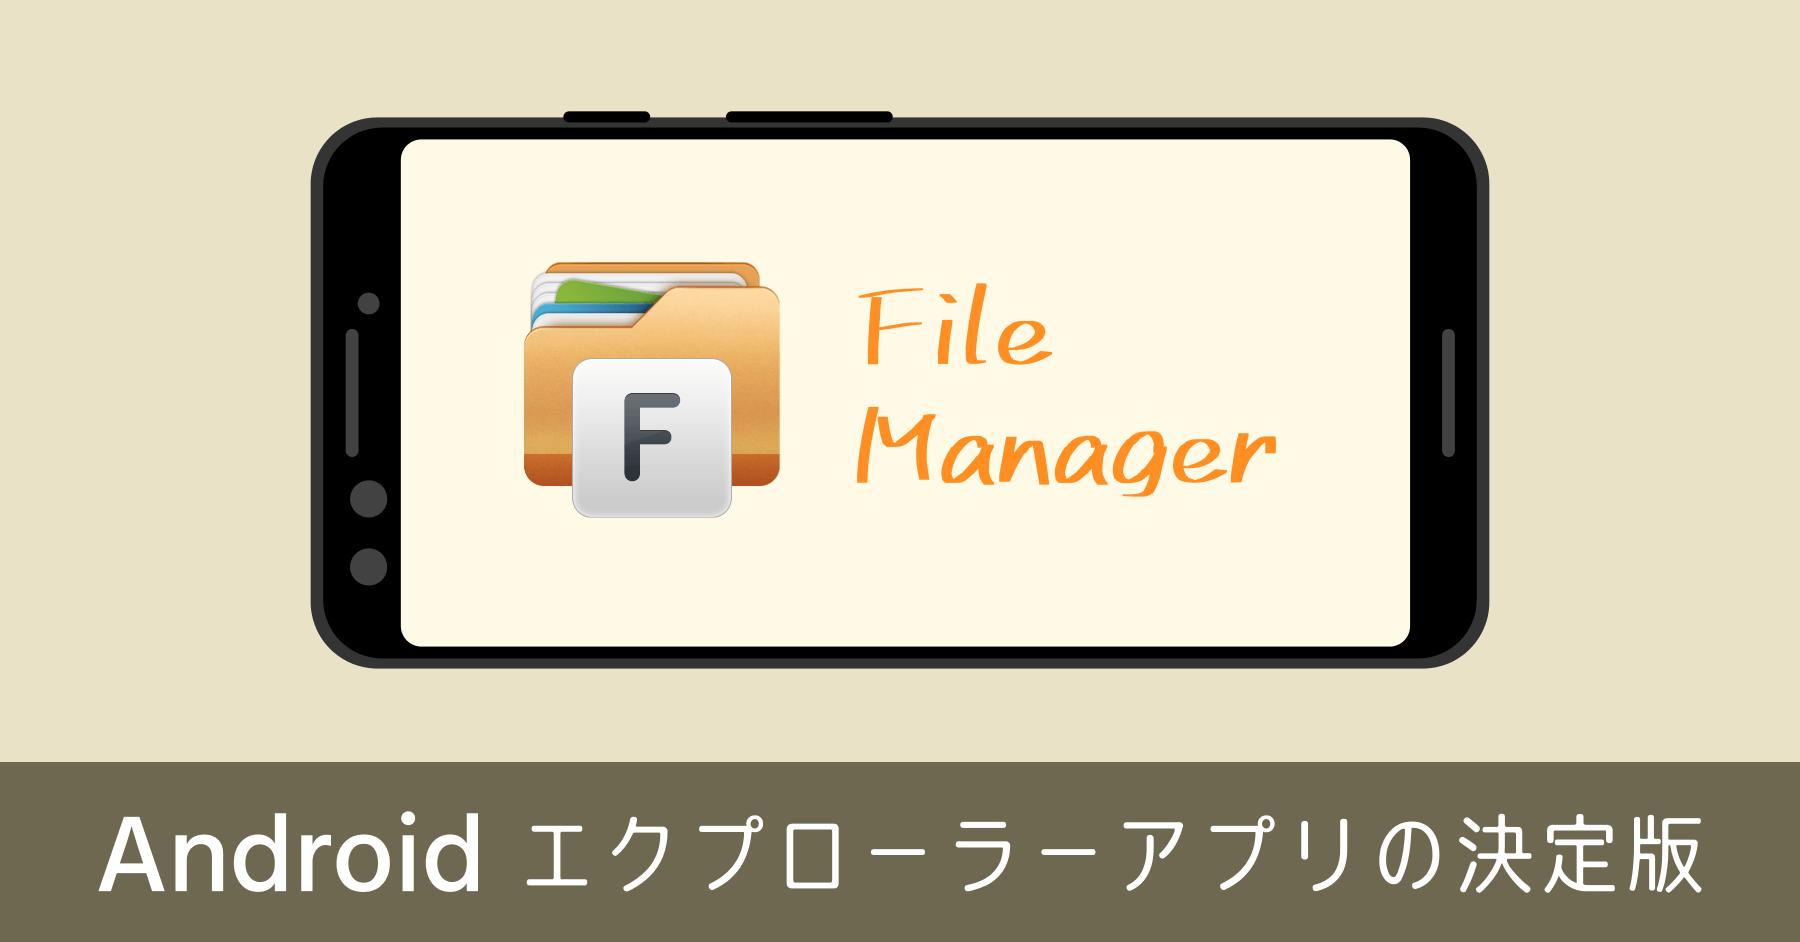 Android の軽くて使いやすいエクスプローラーアプリ決定版。ファイルマネージャーがガチでおすすめな件